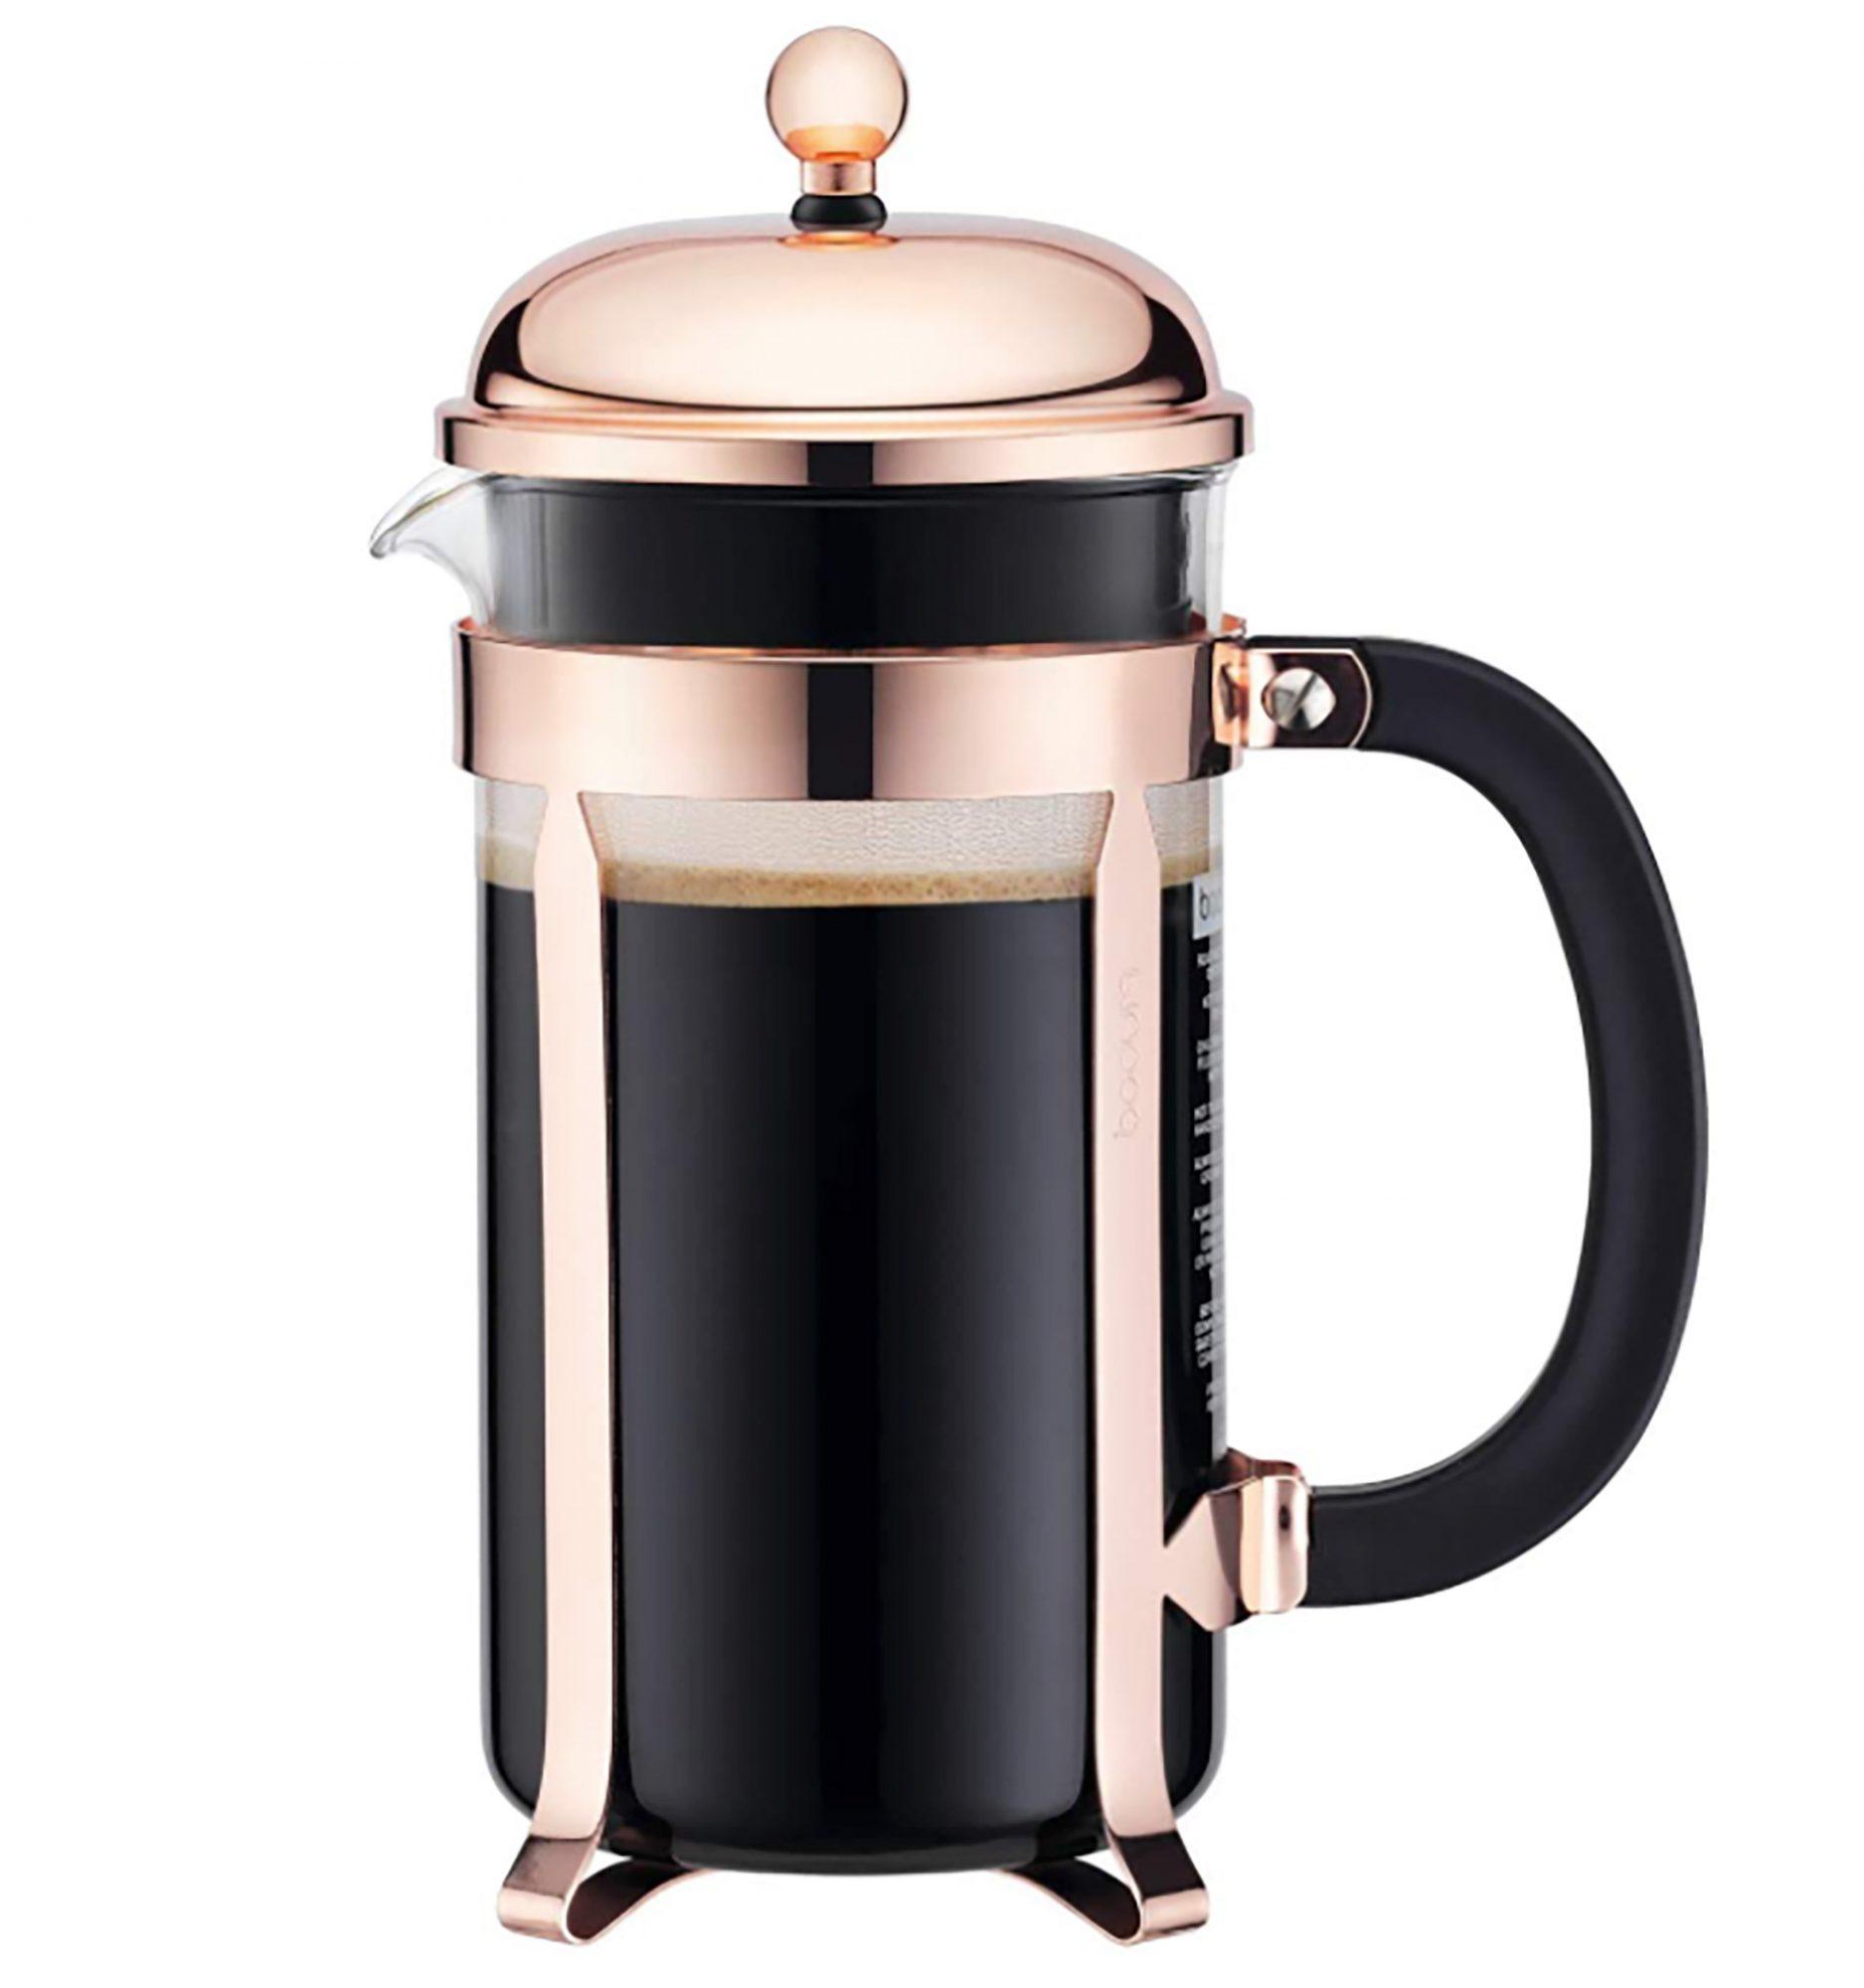 Nada mejor para un amante del café que tener una buena prensa francesa para preparar una taza de esta bebida a cualquier hora del día. Esta moderna opción de la marca Bodumademás le da un toque de estilo a este tradicional accesorio de la cocina.